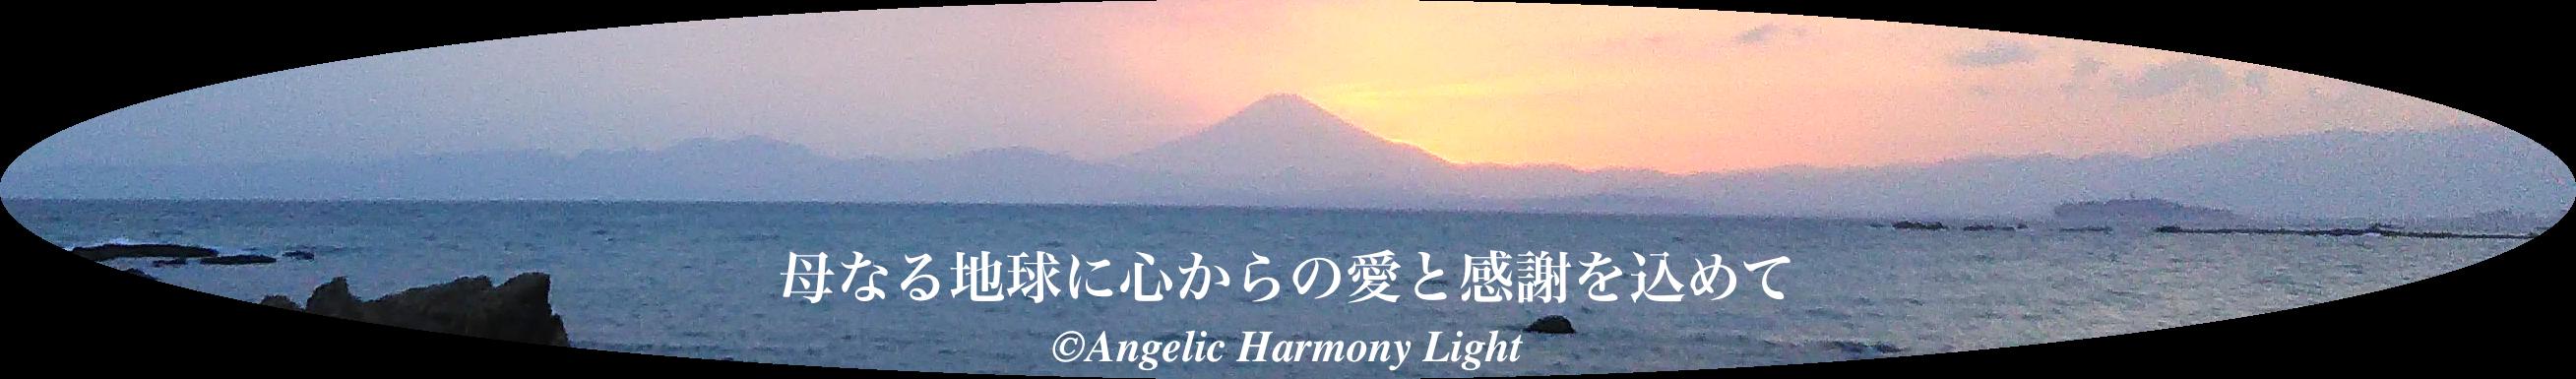 20180412 18:06 やわらかなオレンジイエローの夕陽の輝きと富士山のシルエット♪